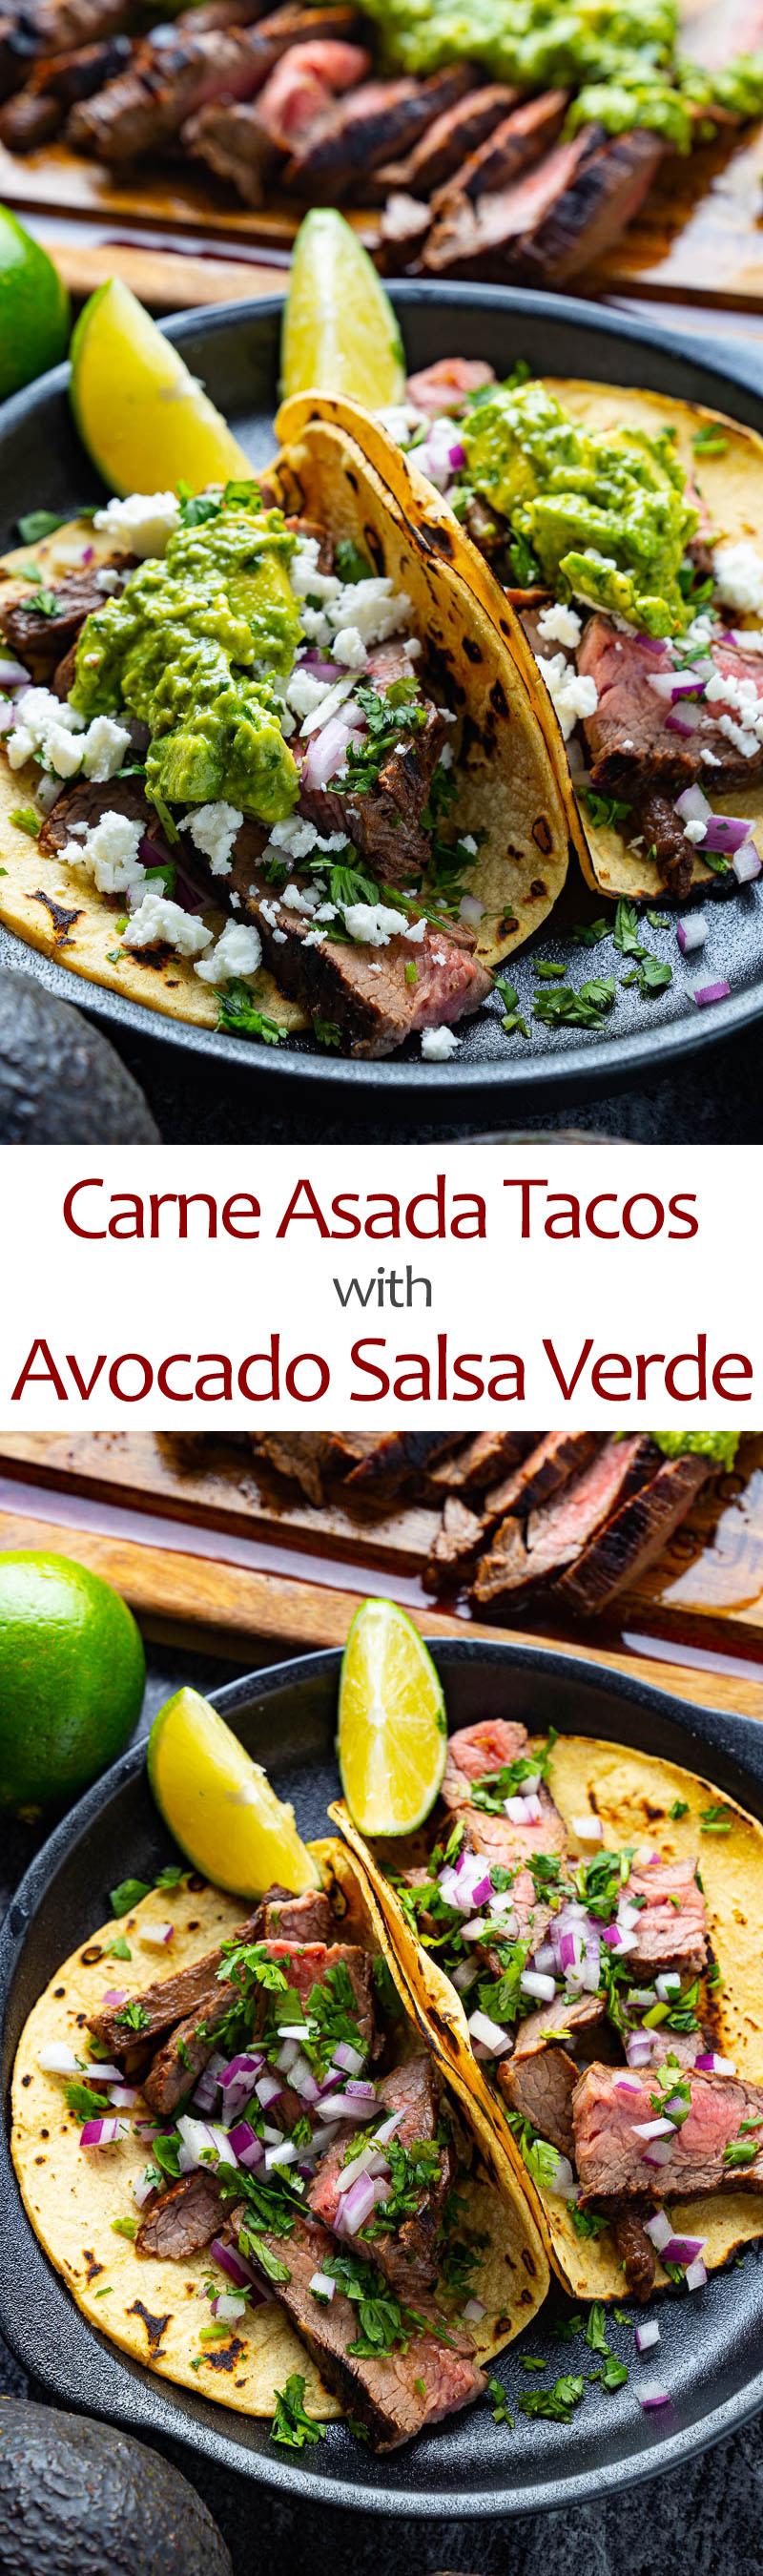 Carne Asada Tacos with Avocado Salsa Verde